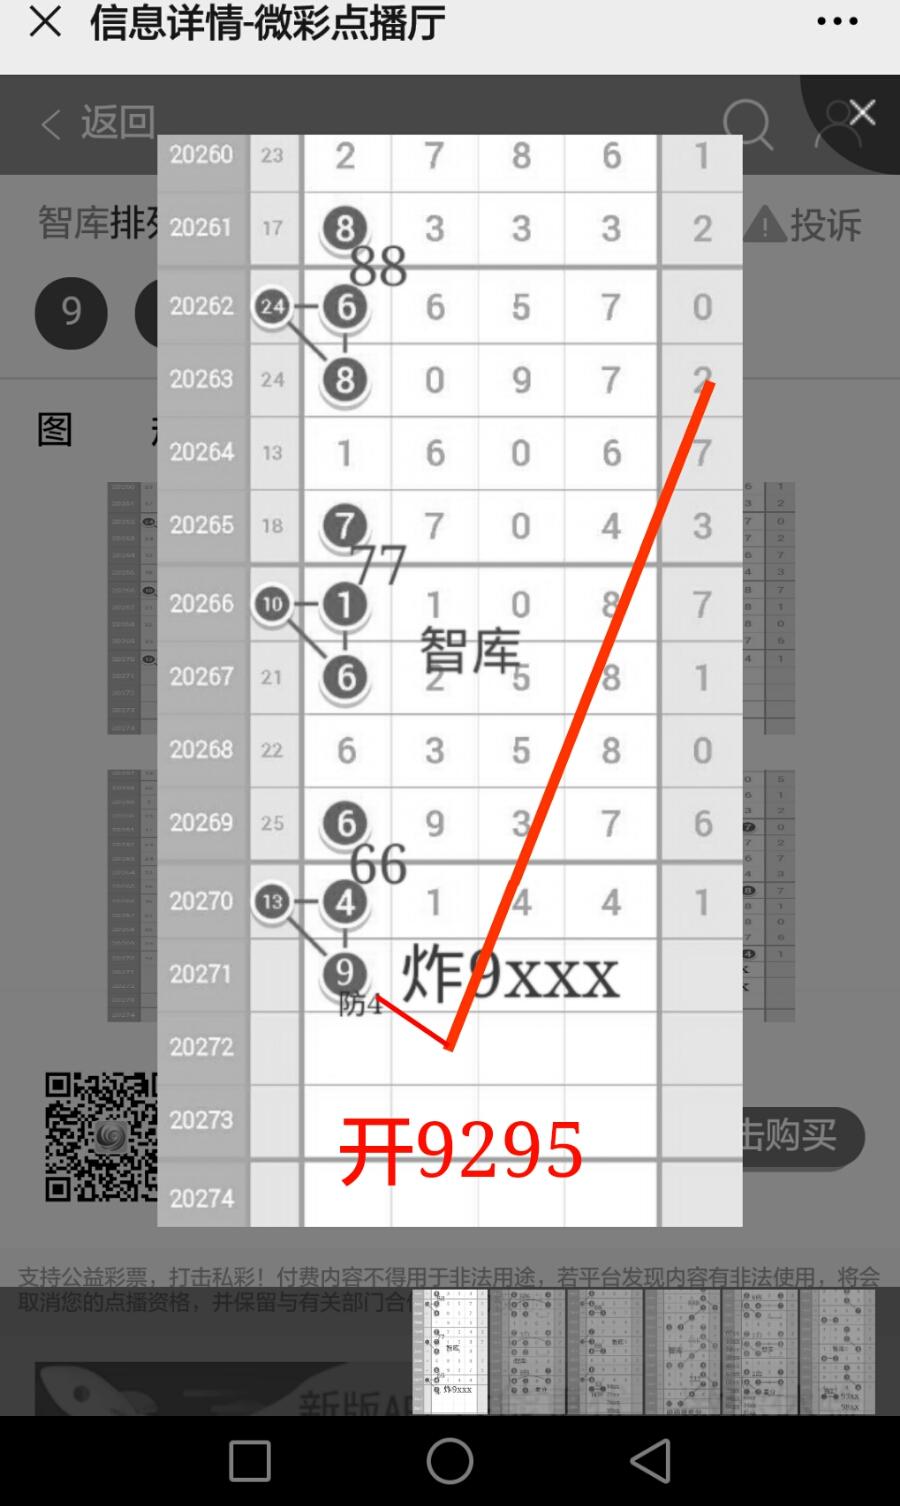 Screenshot_2020-11-20-20-43-06.jpg